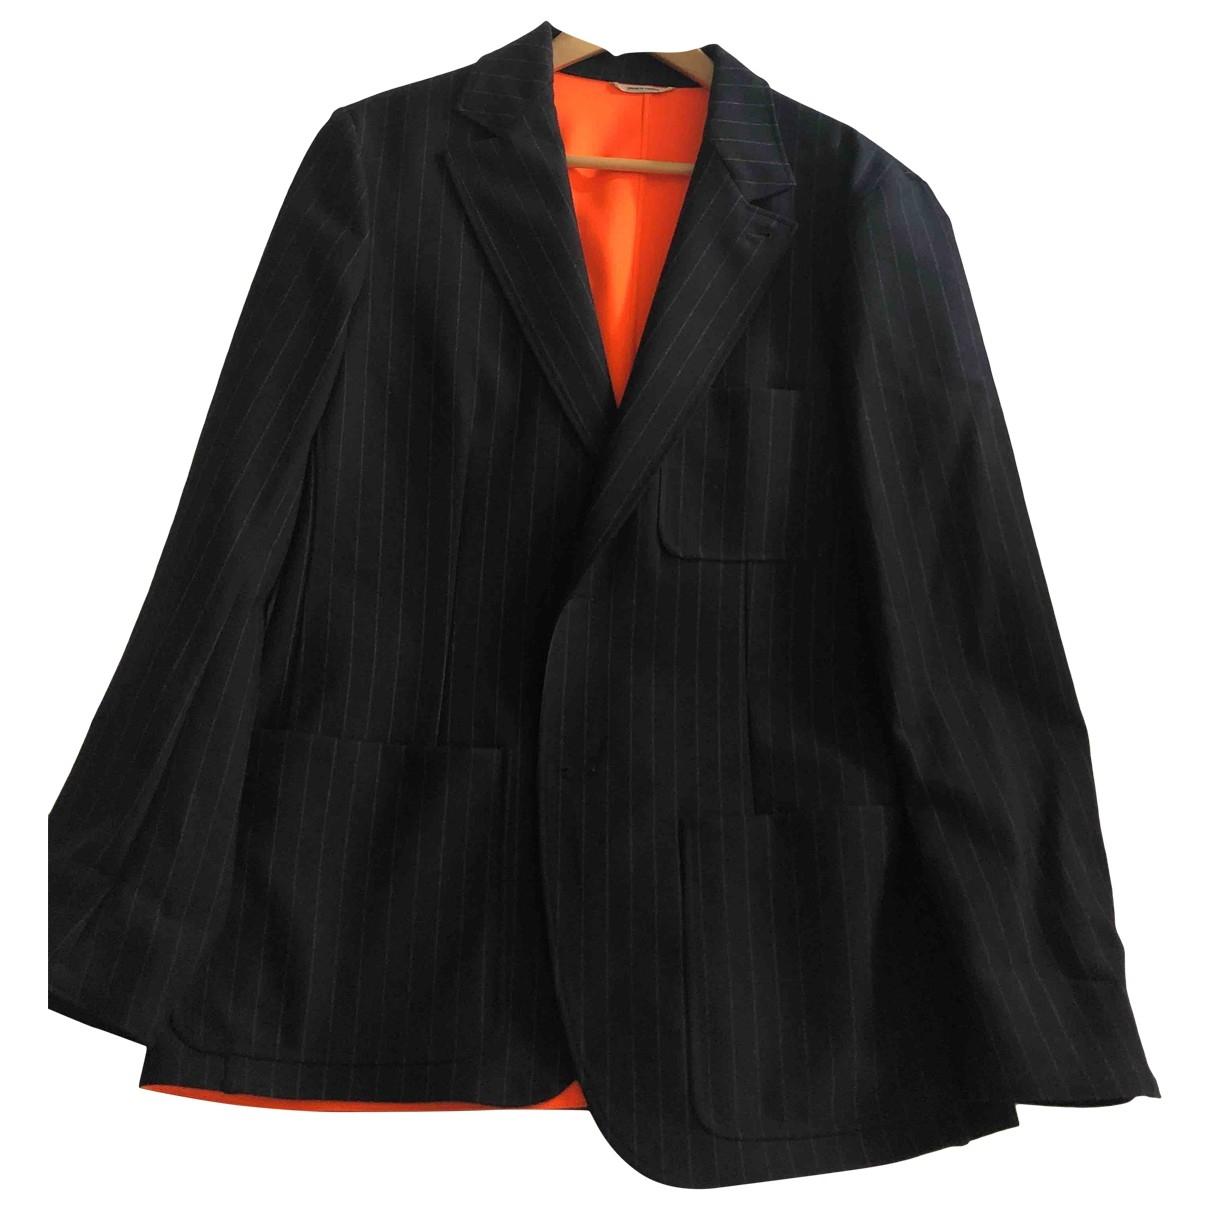 Hermes \N Jacke in  Schwarz Wolle